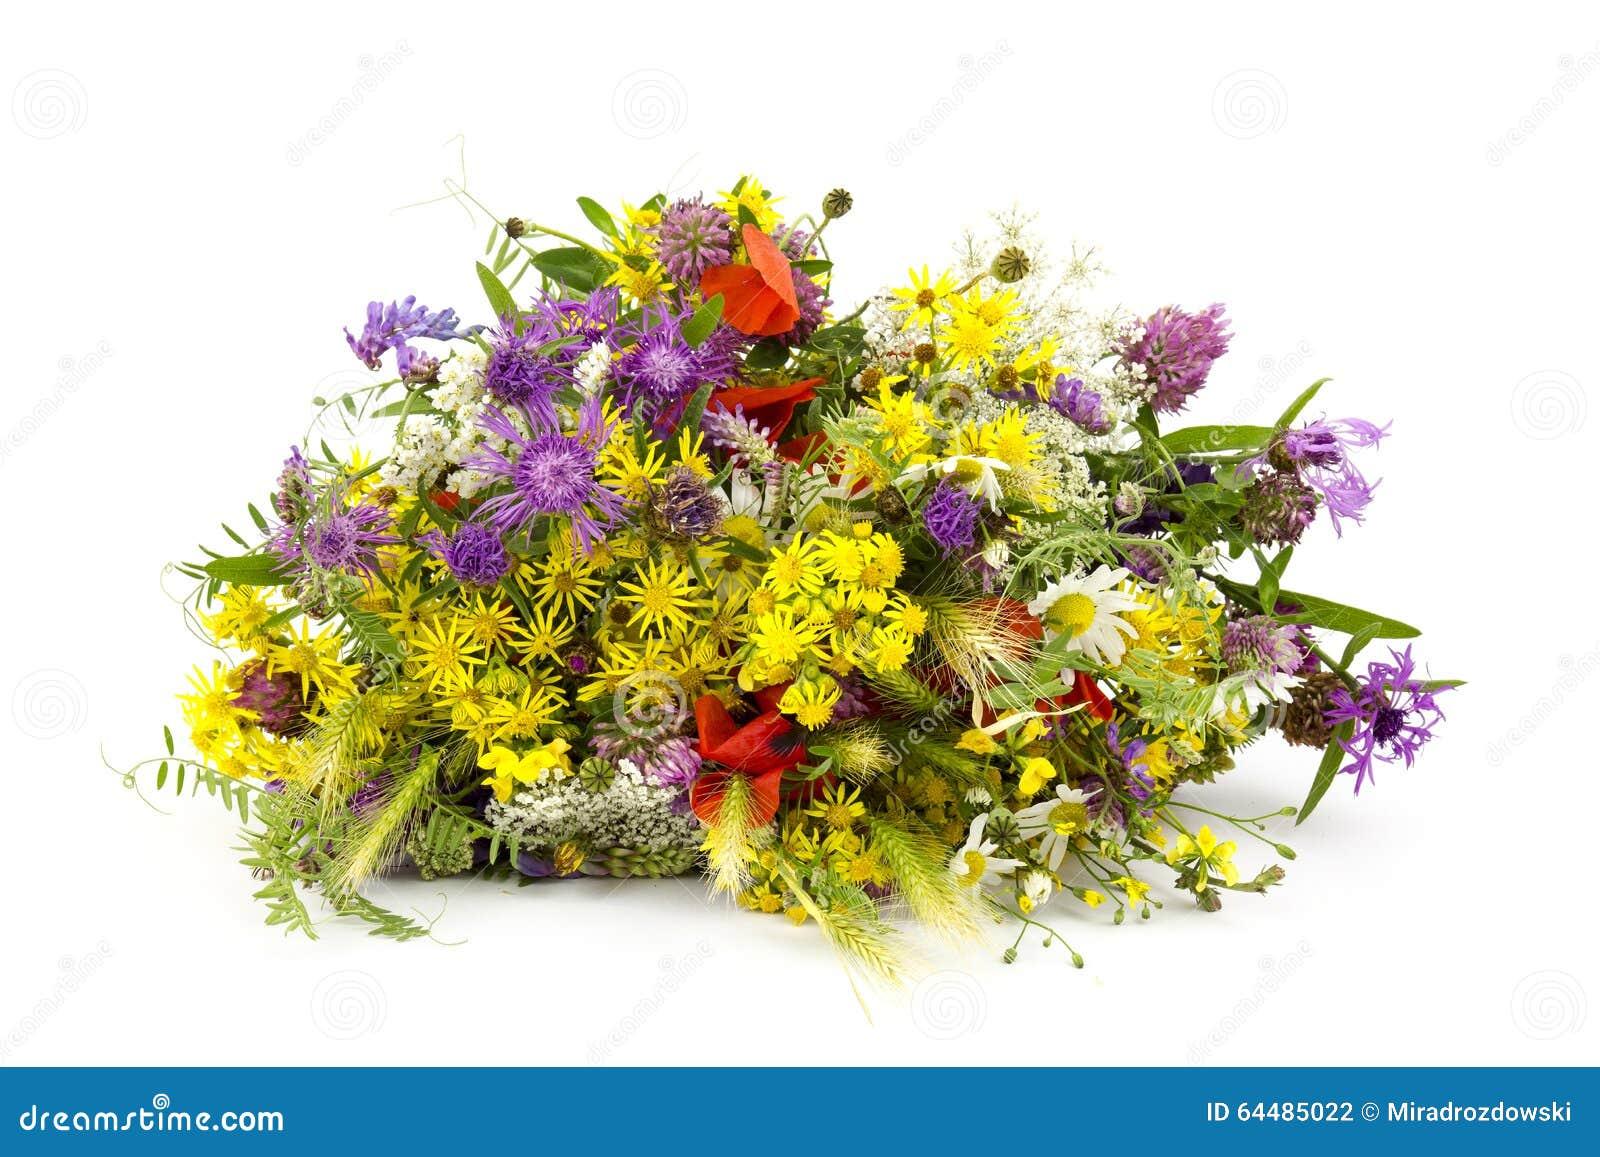 Bouquet des fleurs sauvages photo stock image du lumineux rose 64485022 - Bouquet de fleurs sauvages ...